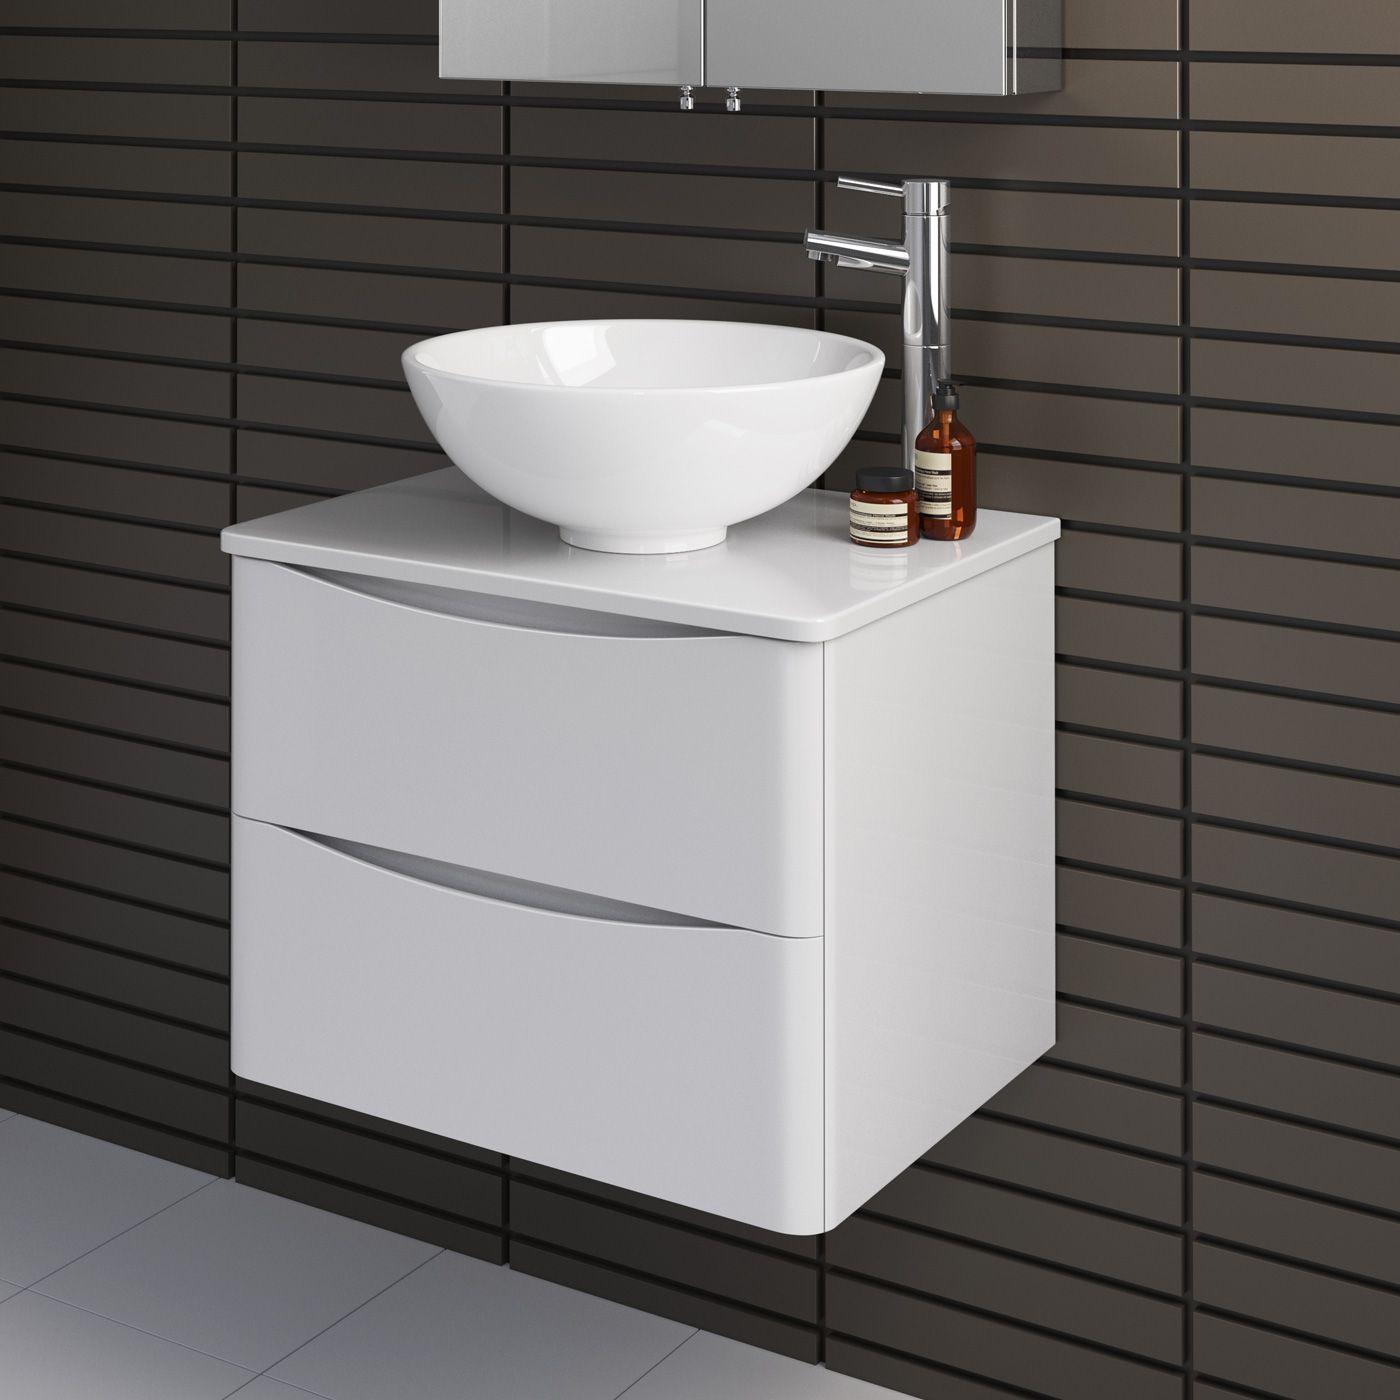 Pin by Ash Chury on Bathroom ideas | Pinterest | Countertop, Basin ...